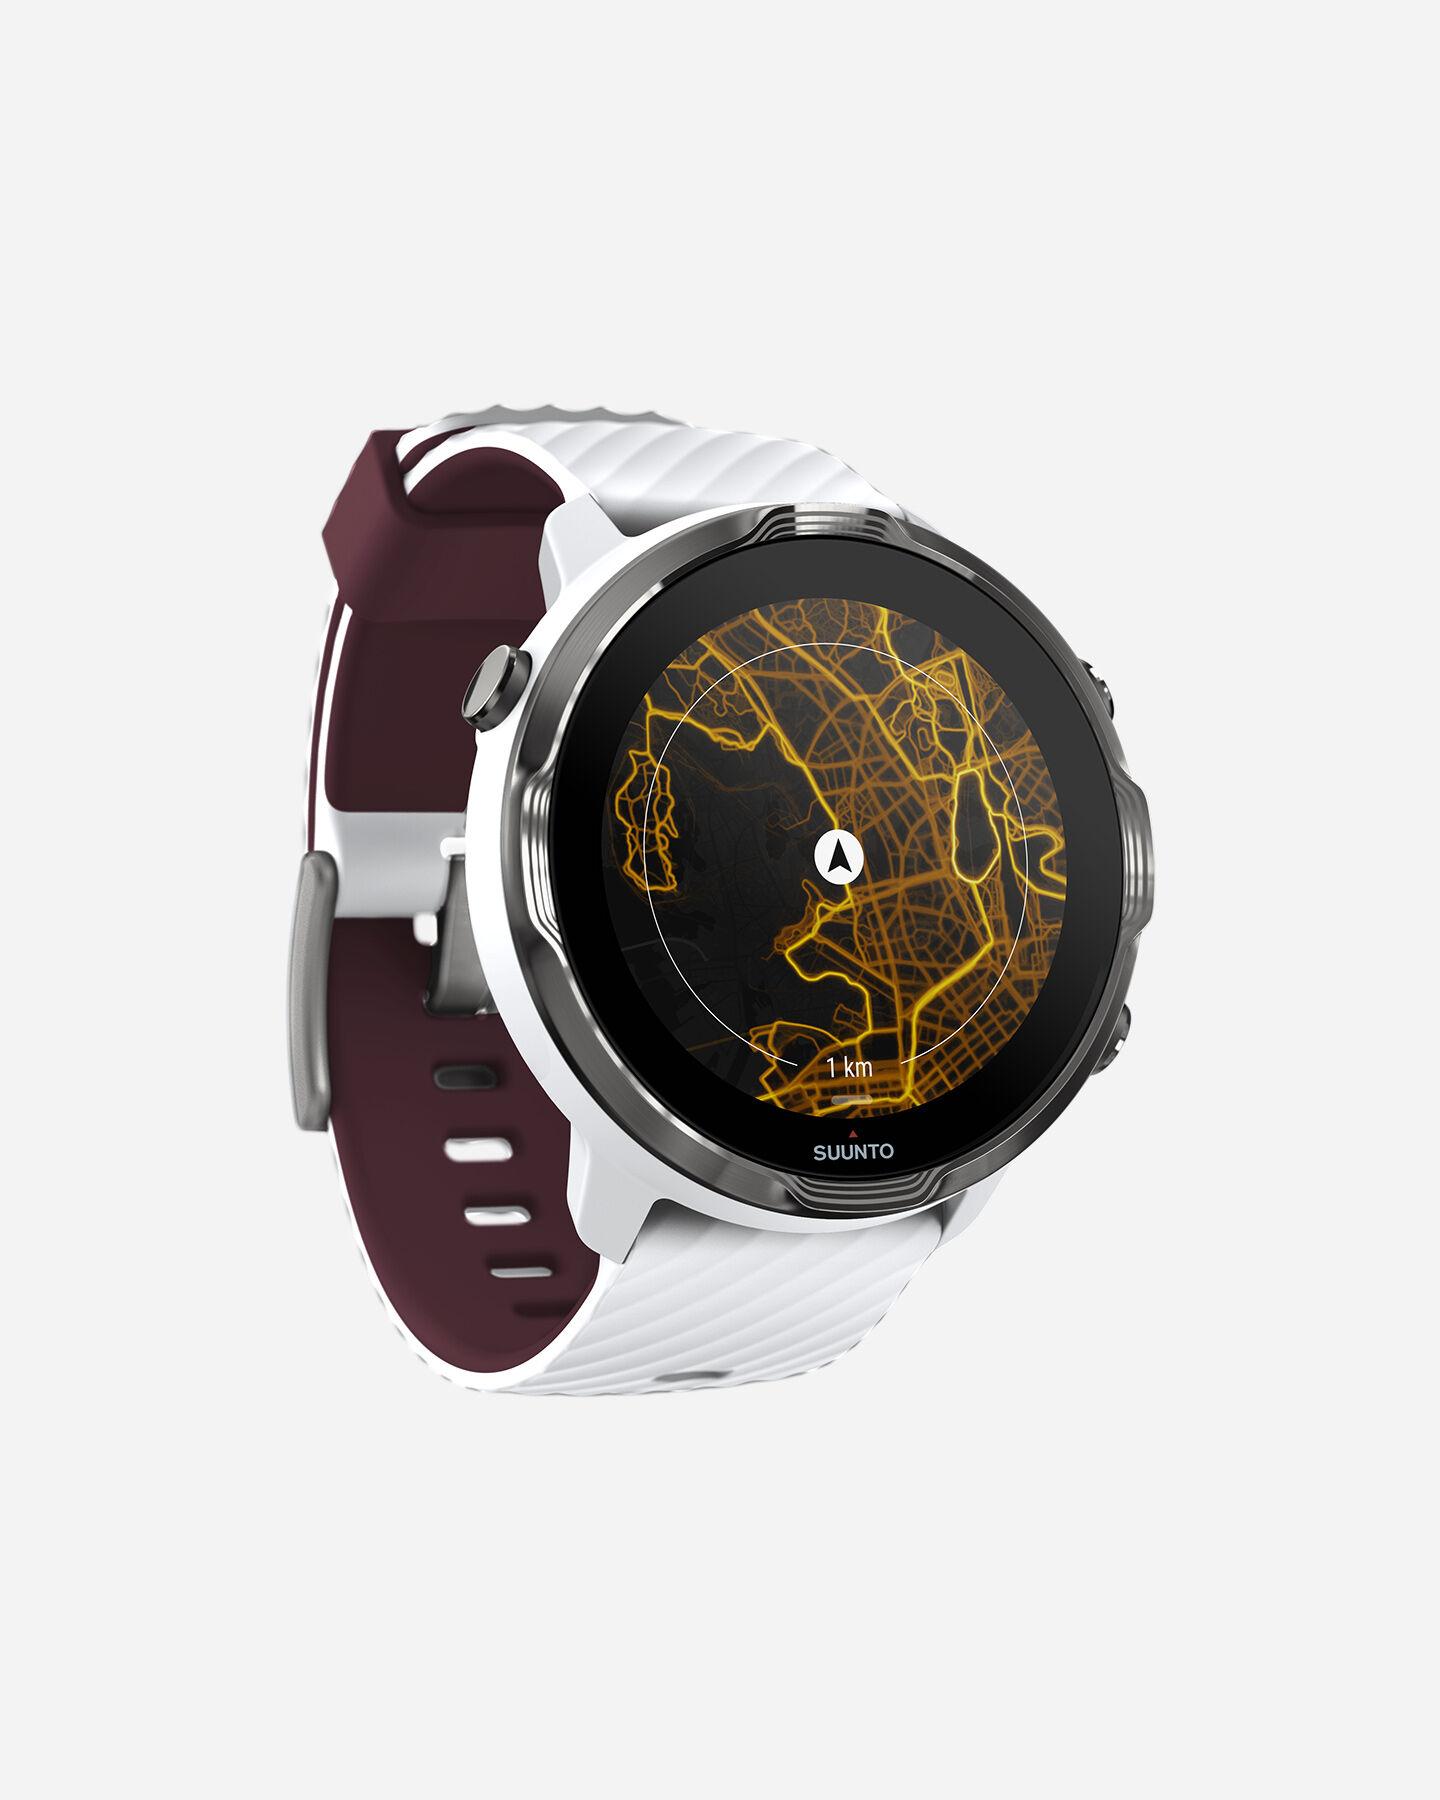 Orologio multifunzione SUUNTO SUUNTO 7 S4079575|1|UNI scatto 3